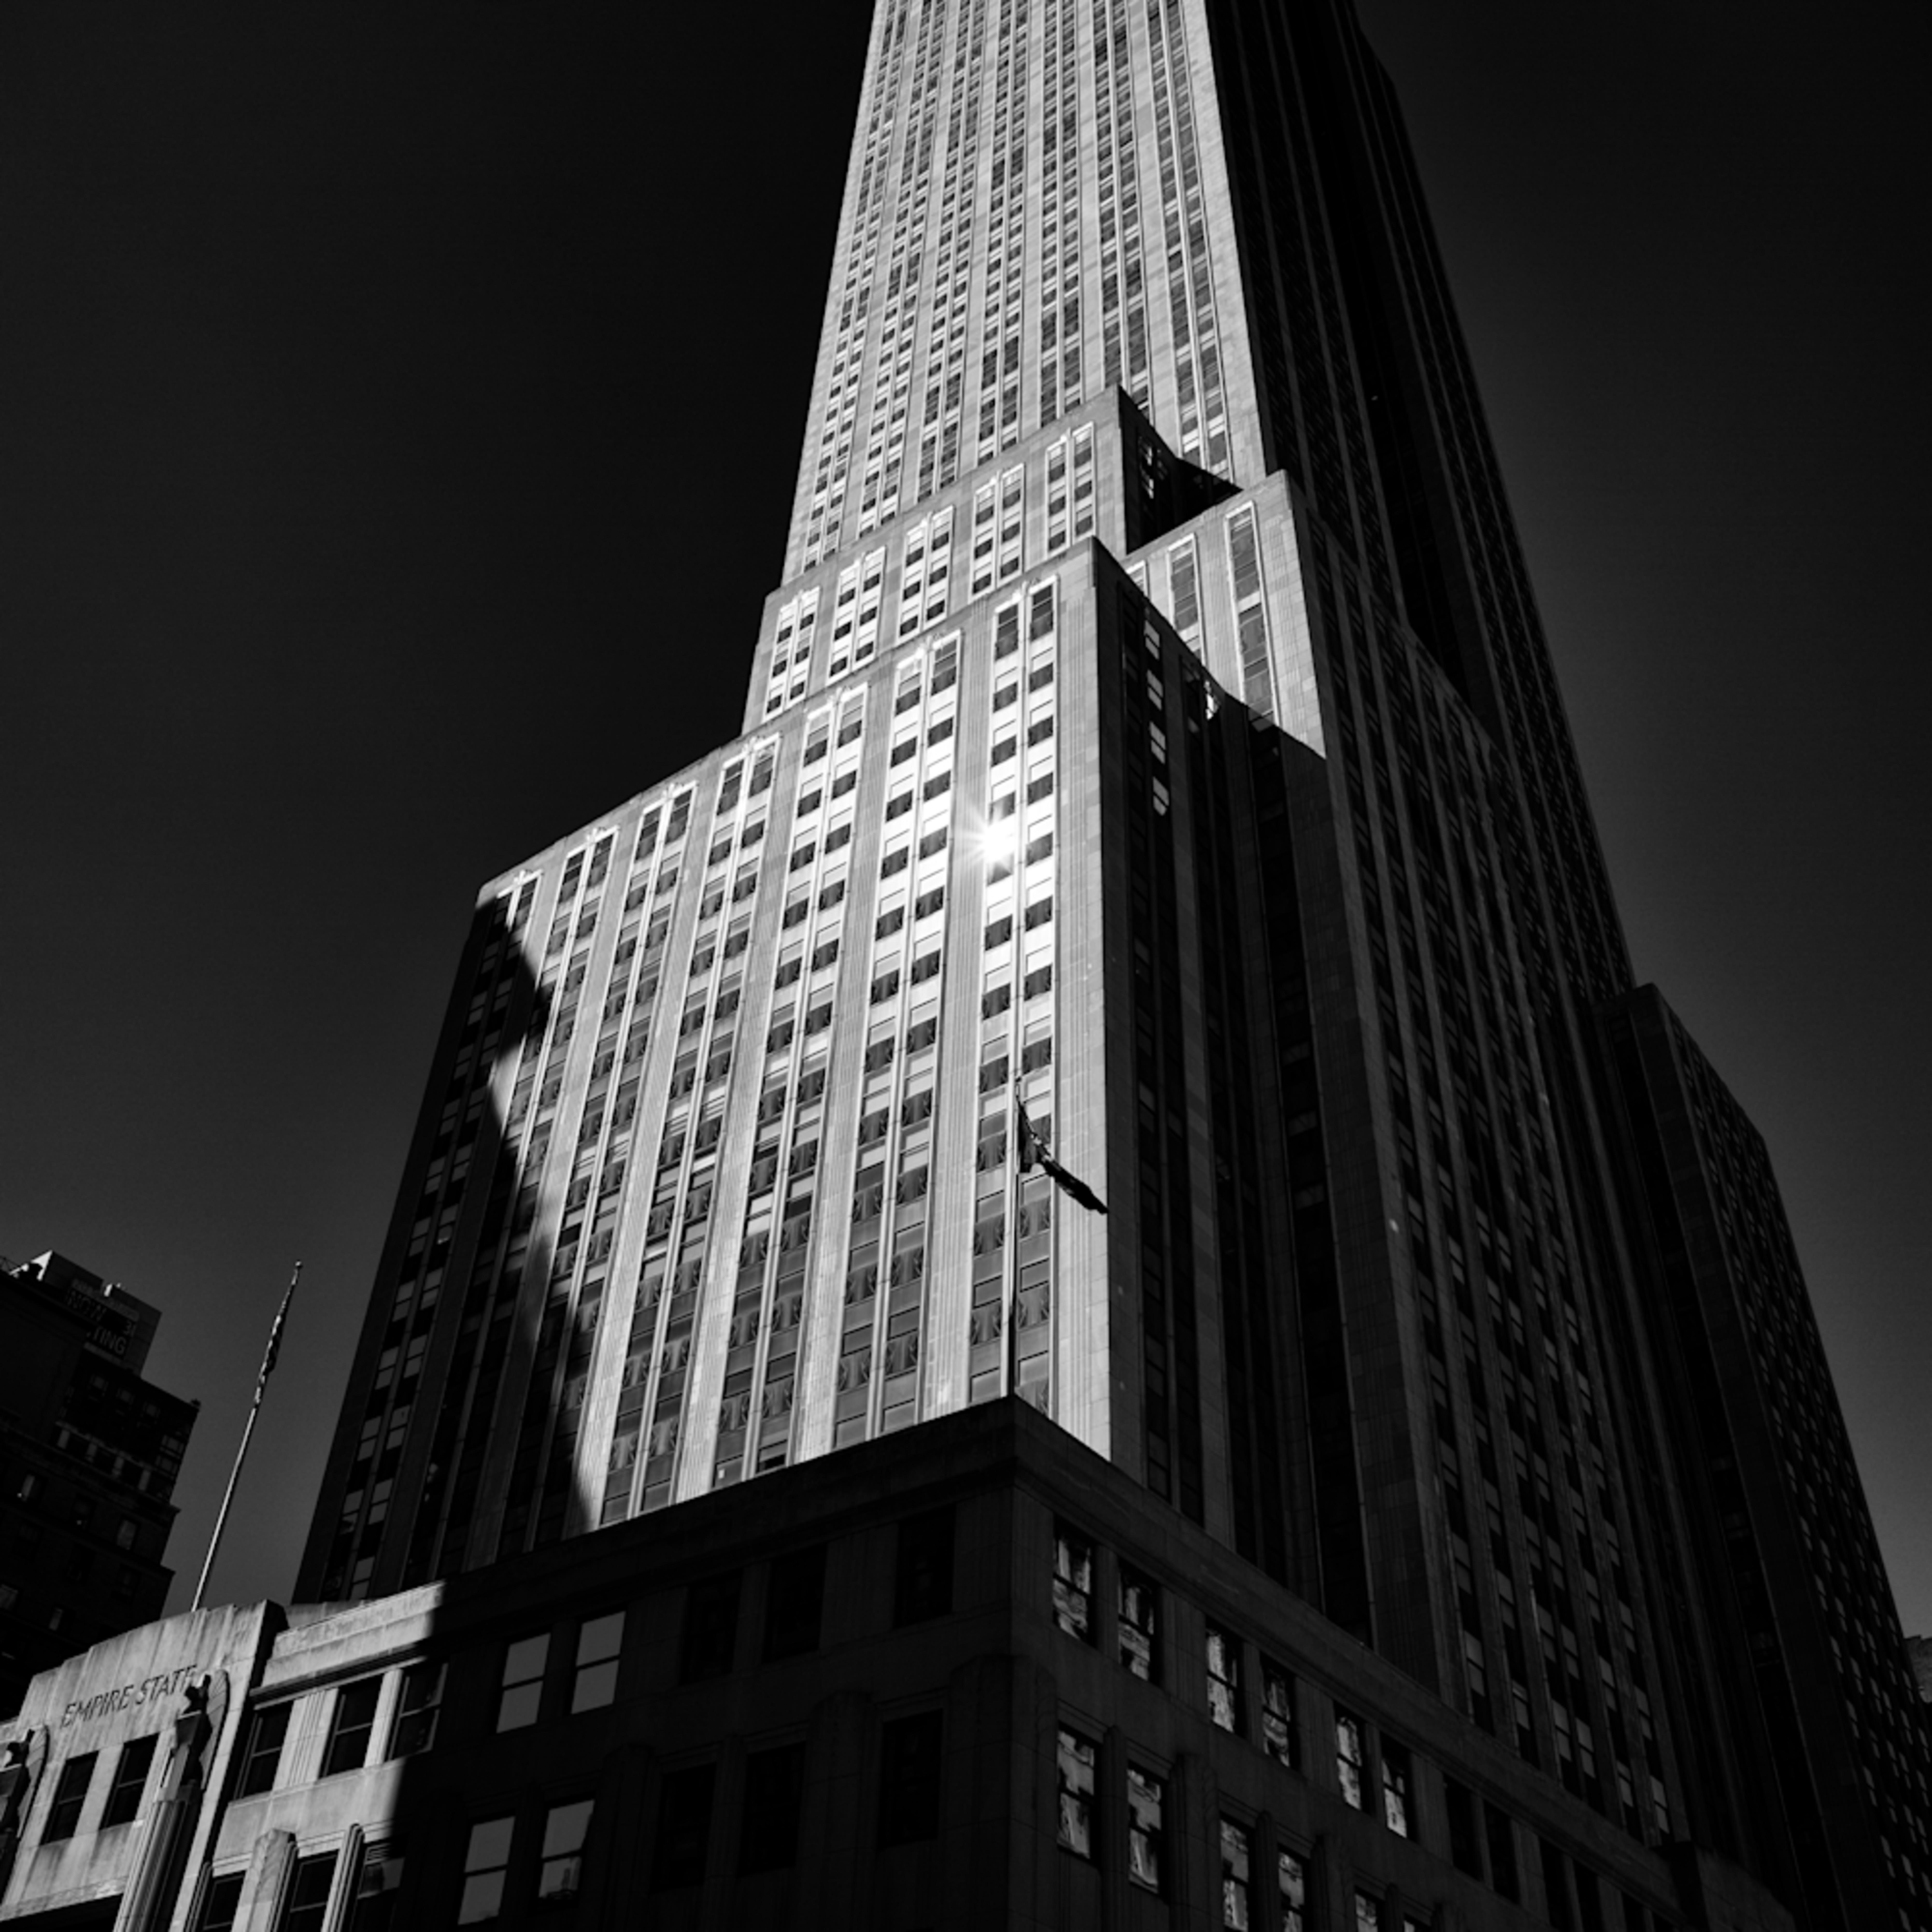 Mbp new york 20120925 2104 2 wrpucr